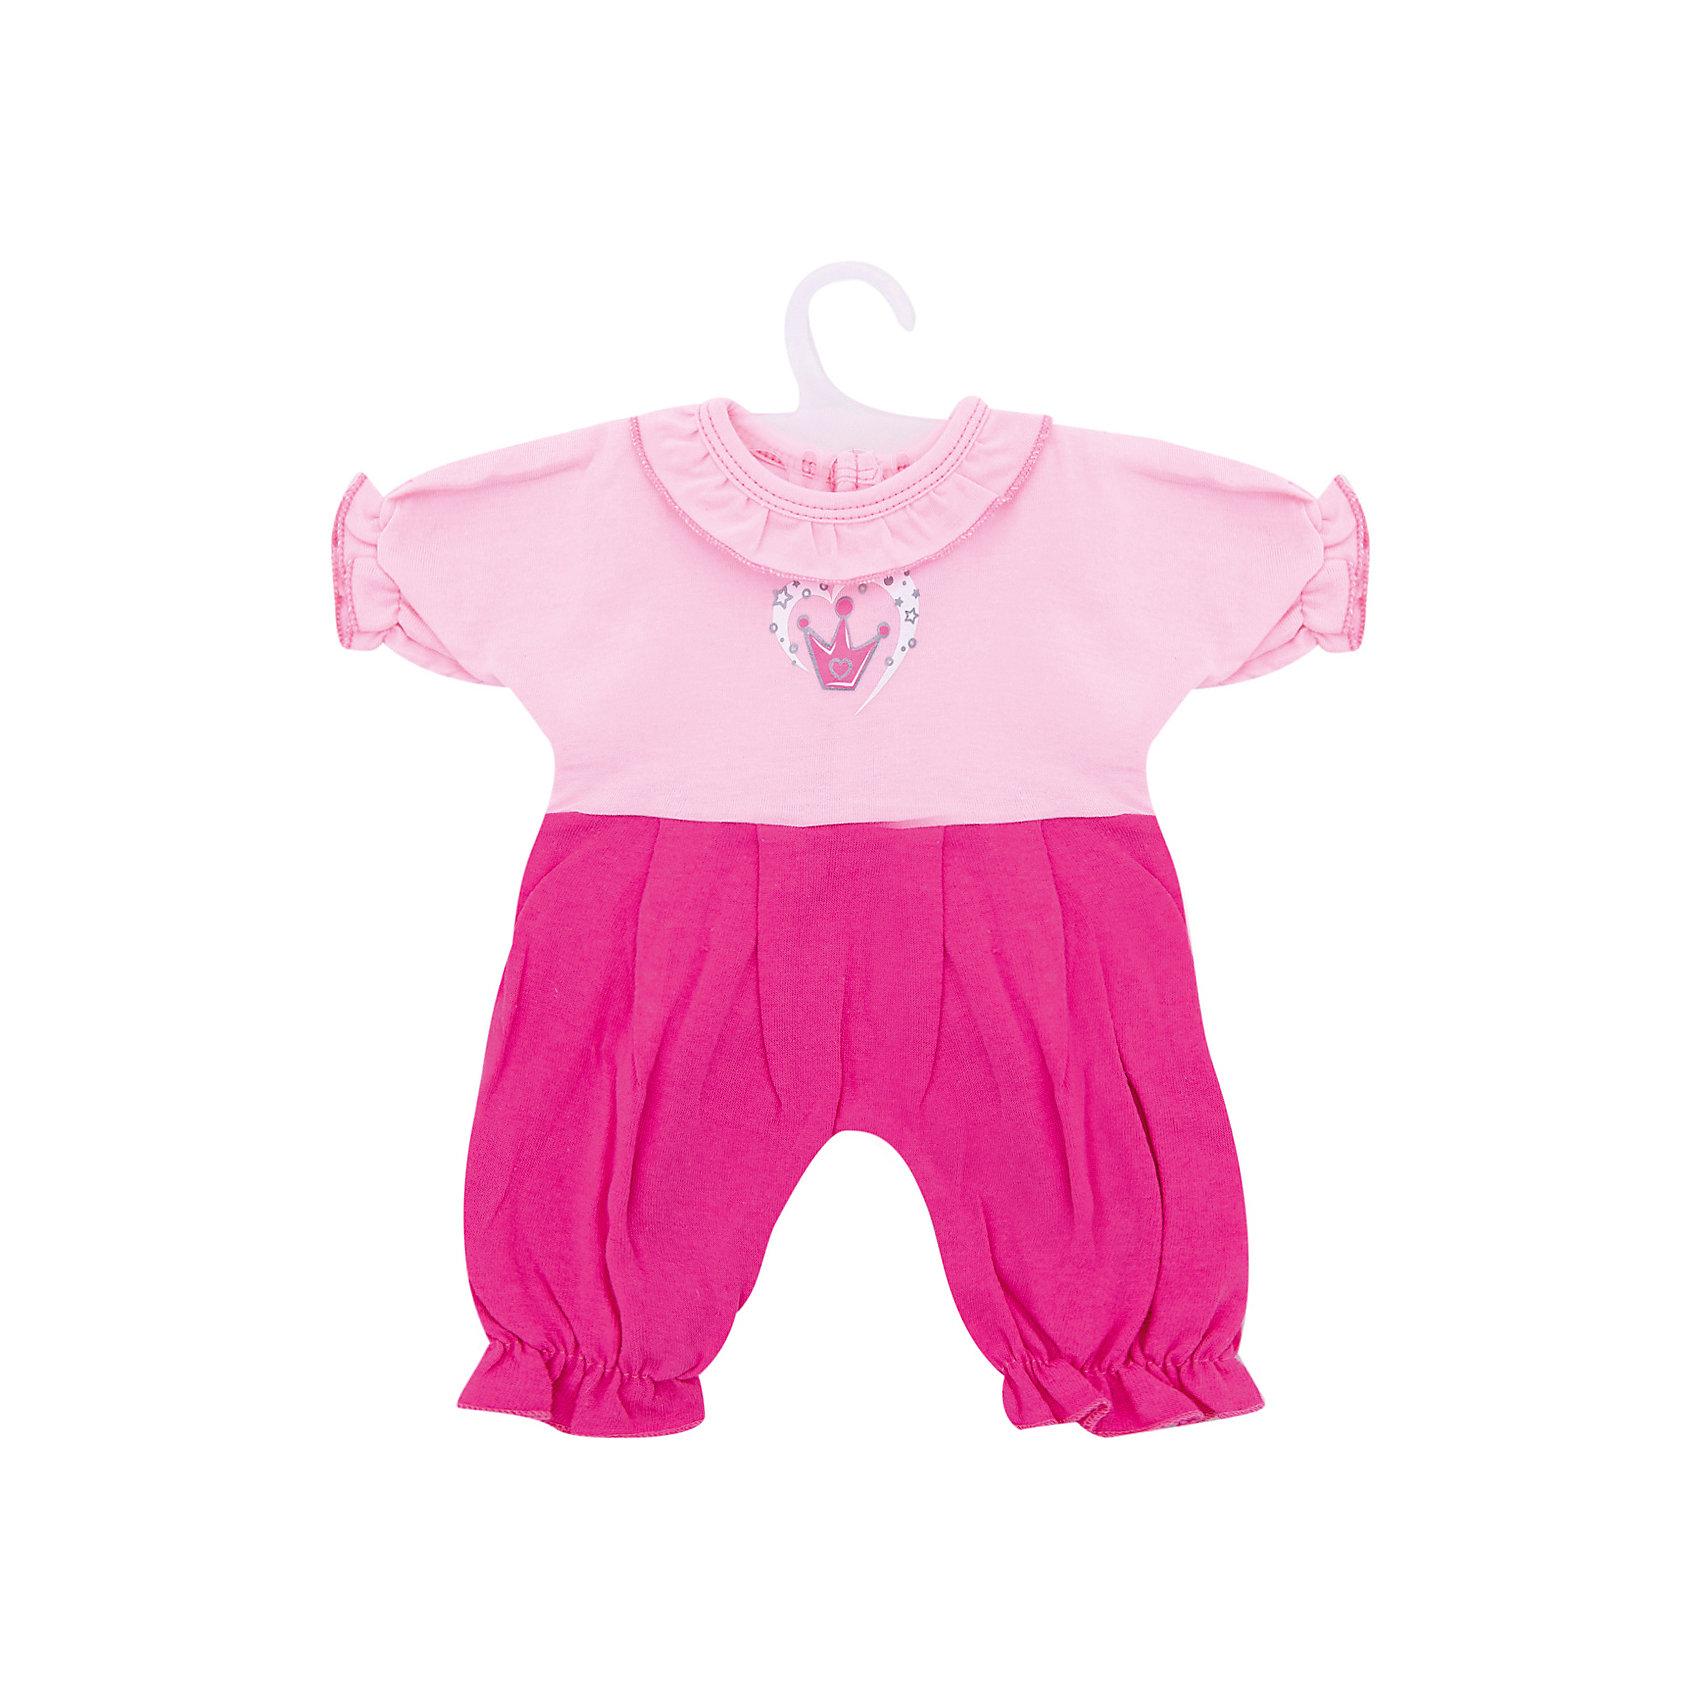 Одежда для куклы Mary Poppins комбинезон КоронаКукольная одежда и аксессуары<br>Характеристики:<br><br>• возраст: от 3-х лет;<br>• подходит для кукол высотой 38-43 см;<br>• материал: текстиль;<br>• размер упаковки: 28х1х22 см;<br>• вес: 36 грамм;<br>• страна бренда: Россия.<br><br>Яркий и красивый комбинезон Корона прекрасно подойдет для прогулок и игр любимой куклы девочки. Верх комбинезона выполнен в светло-розовом цвете, а низ - в темно-розовом. По краям комбинезон украшен оборками. На груди комбинезон украшен декоративной короной. <br><br>Подходит для кукол размером 38-43 сантиметров.<br><br>Комбинезон для куклы 38-43 см Корона, Mary Poppins (Мэри Поппинс) можно купить в нашем интернет-магазине.<br><br>Ширина мм: 220<br>Глубина мм: 10<br>Высота мм: 280<br>Вес г: 36<br>Возраст от месяцев: 36<br>Возраст до месяцев: 2147483647<br>Пол: Женский<br>Возраст: Детский<br>SKU: 6846907